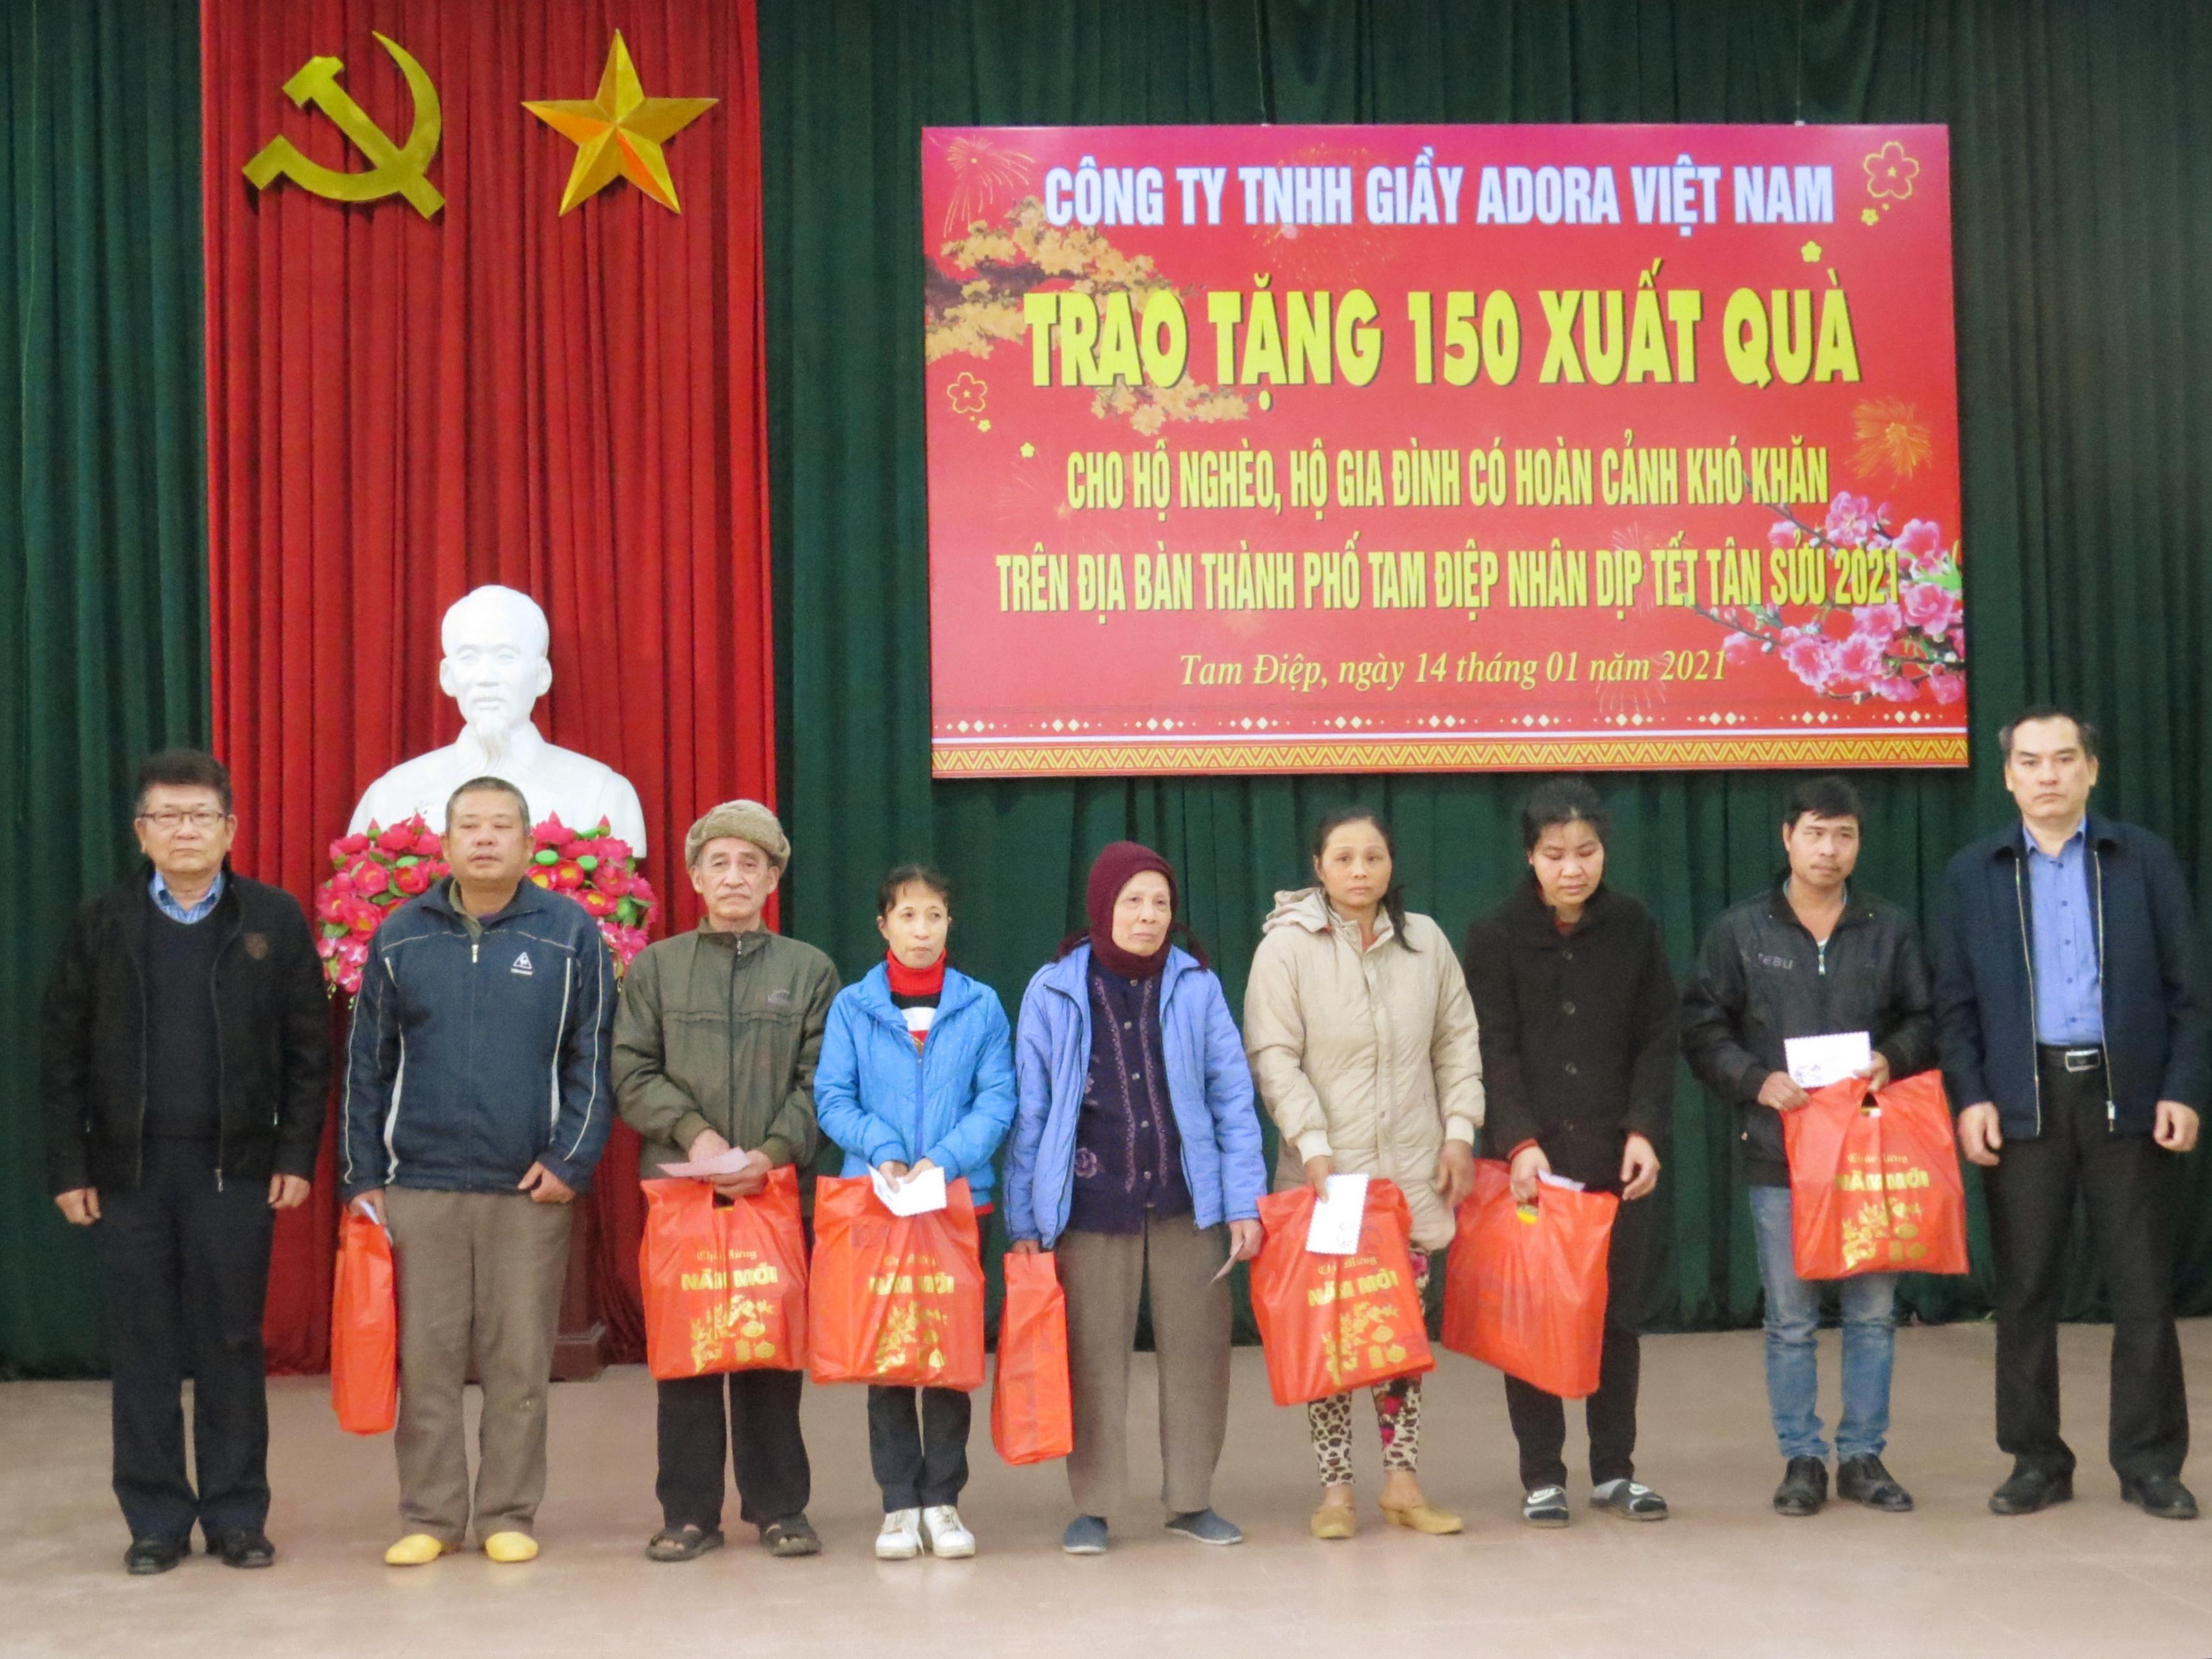 Trao tặng 150 xuất quà cho hộ nghèo, hộ có hoàn cảnh khó khăn trên địa bàn thành phố Tam Điệp nhân dịp Tết Tân Sửu 2021